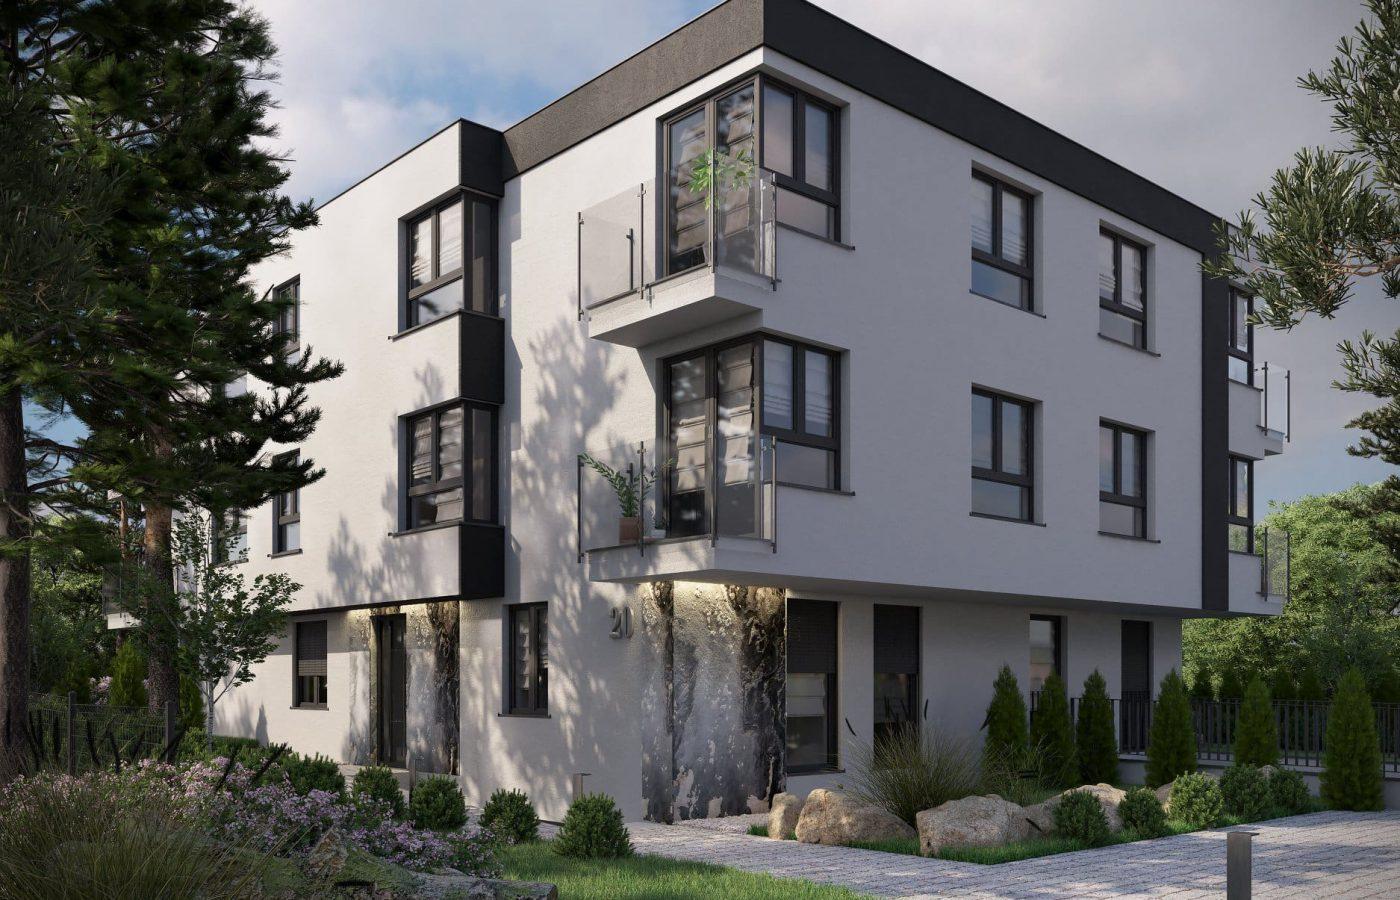 wizualizacja budynku mieszkalnego - przód